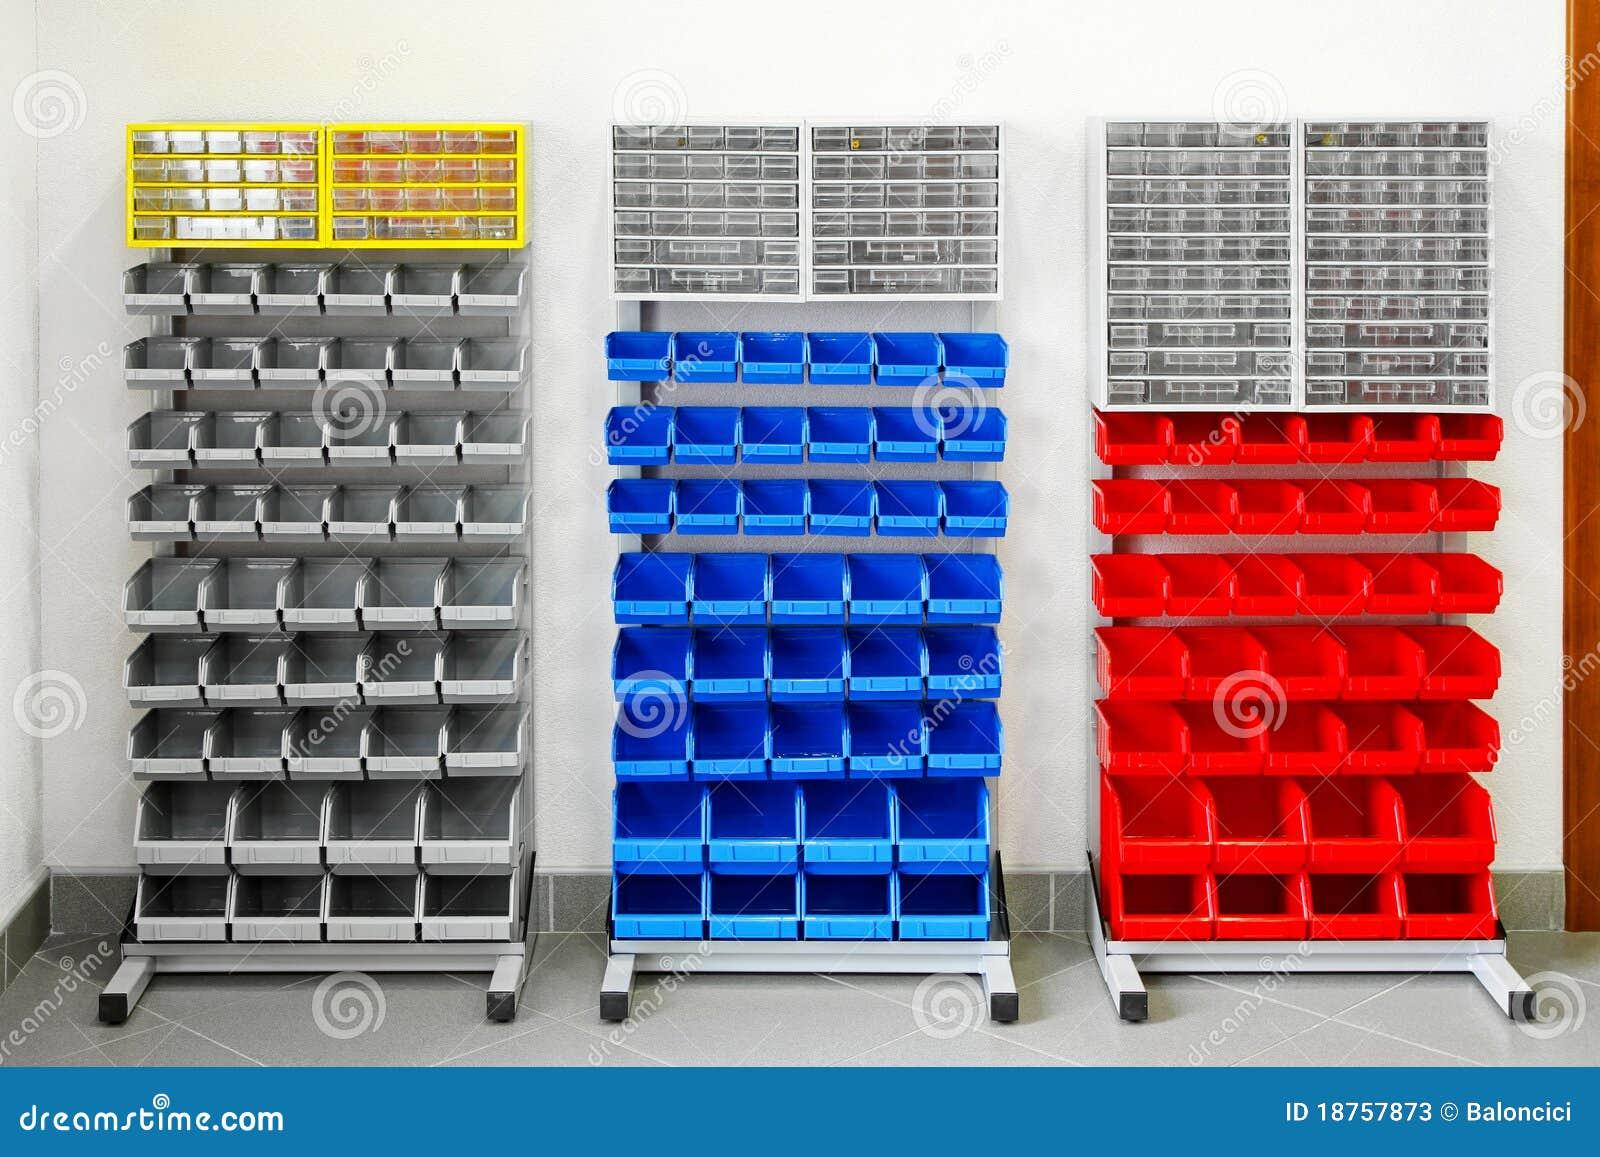 Prateleiras plásticas coloridas para o inventário na oficina. #0439C7 1300x957